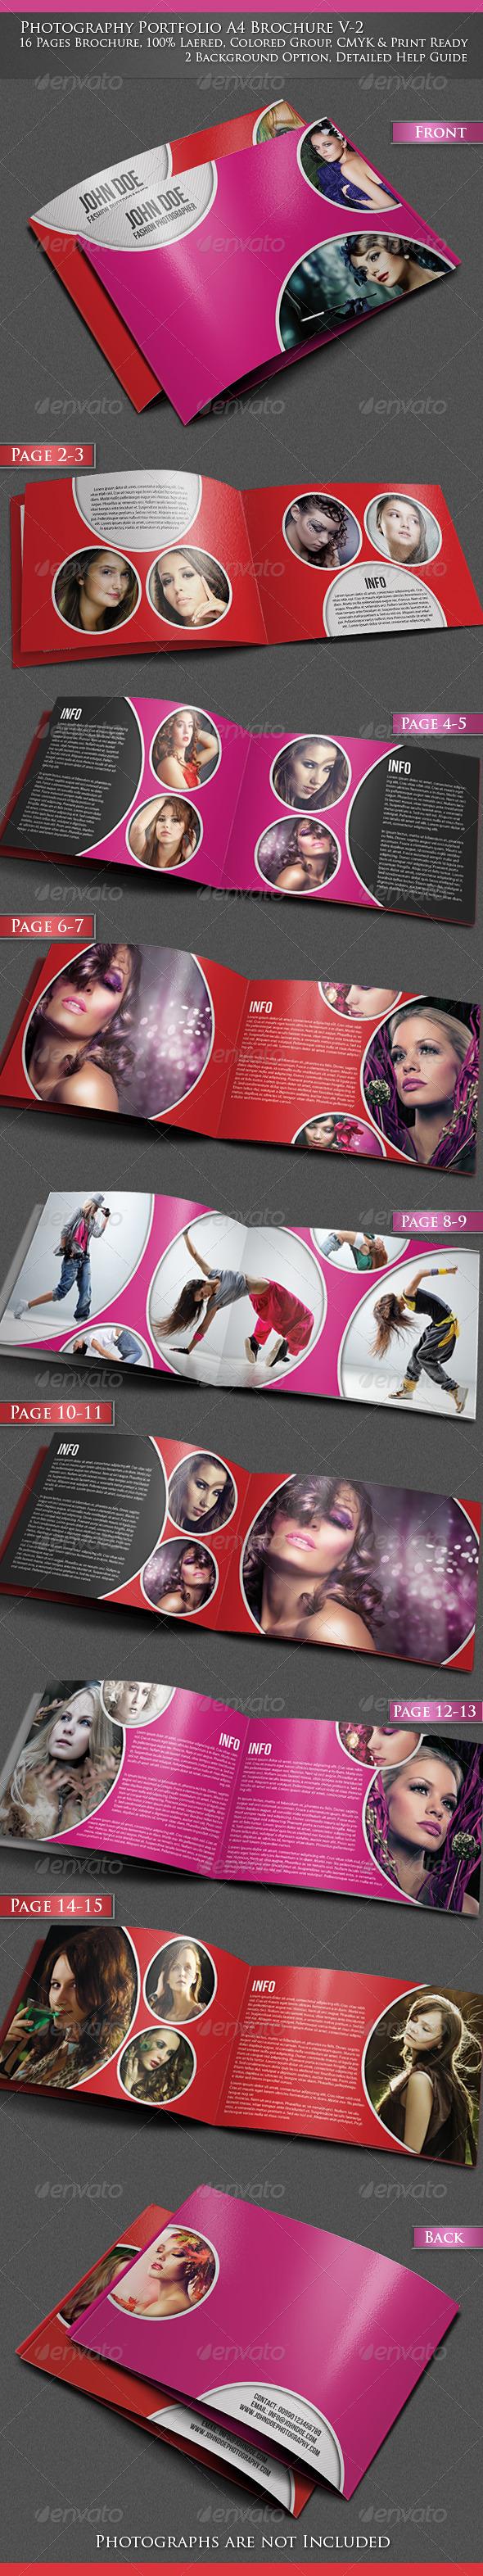 Photography Portfolio A4 Brochure -V2 - Portfolio Brochures